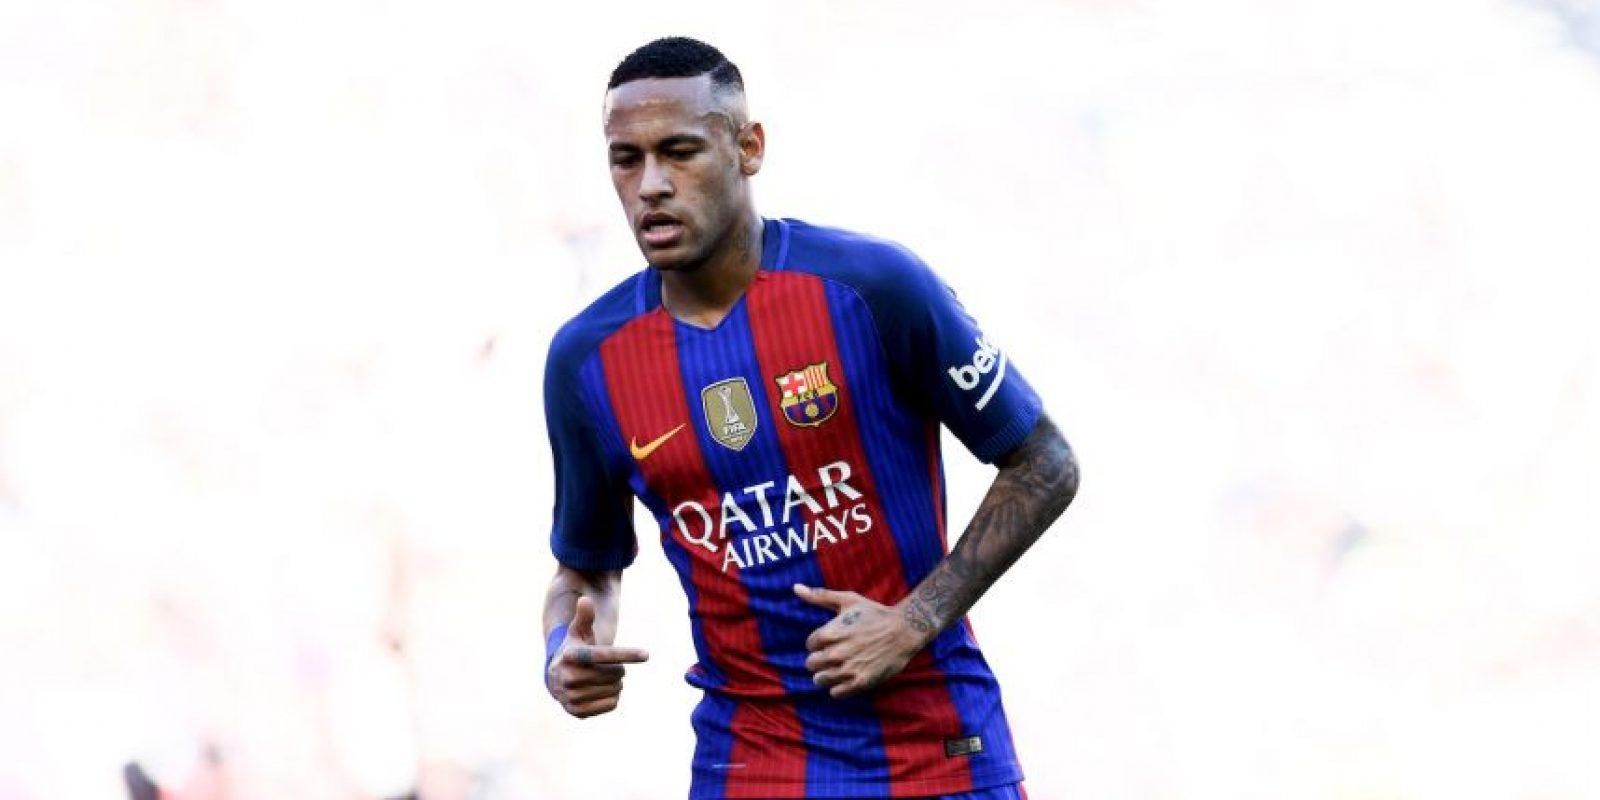 Neymar (FC Barcelona-Brasil): Pieza clave en la delantera de Barcelona, el brasileño ha destacado con goles y asistencias a sus compañeros de la MSN, Suárez y Messi. Además, comandó a Brasil a ganar el título que les faltaba: la medalla de oro en los Juegos Olímpicos Foto:Getty Images